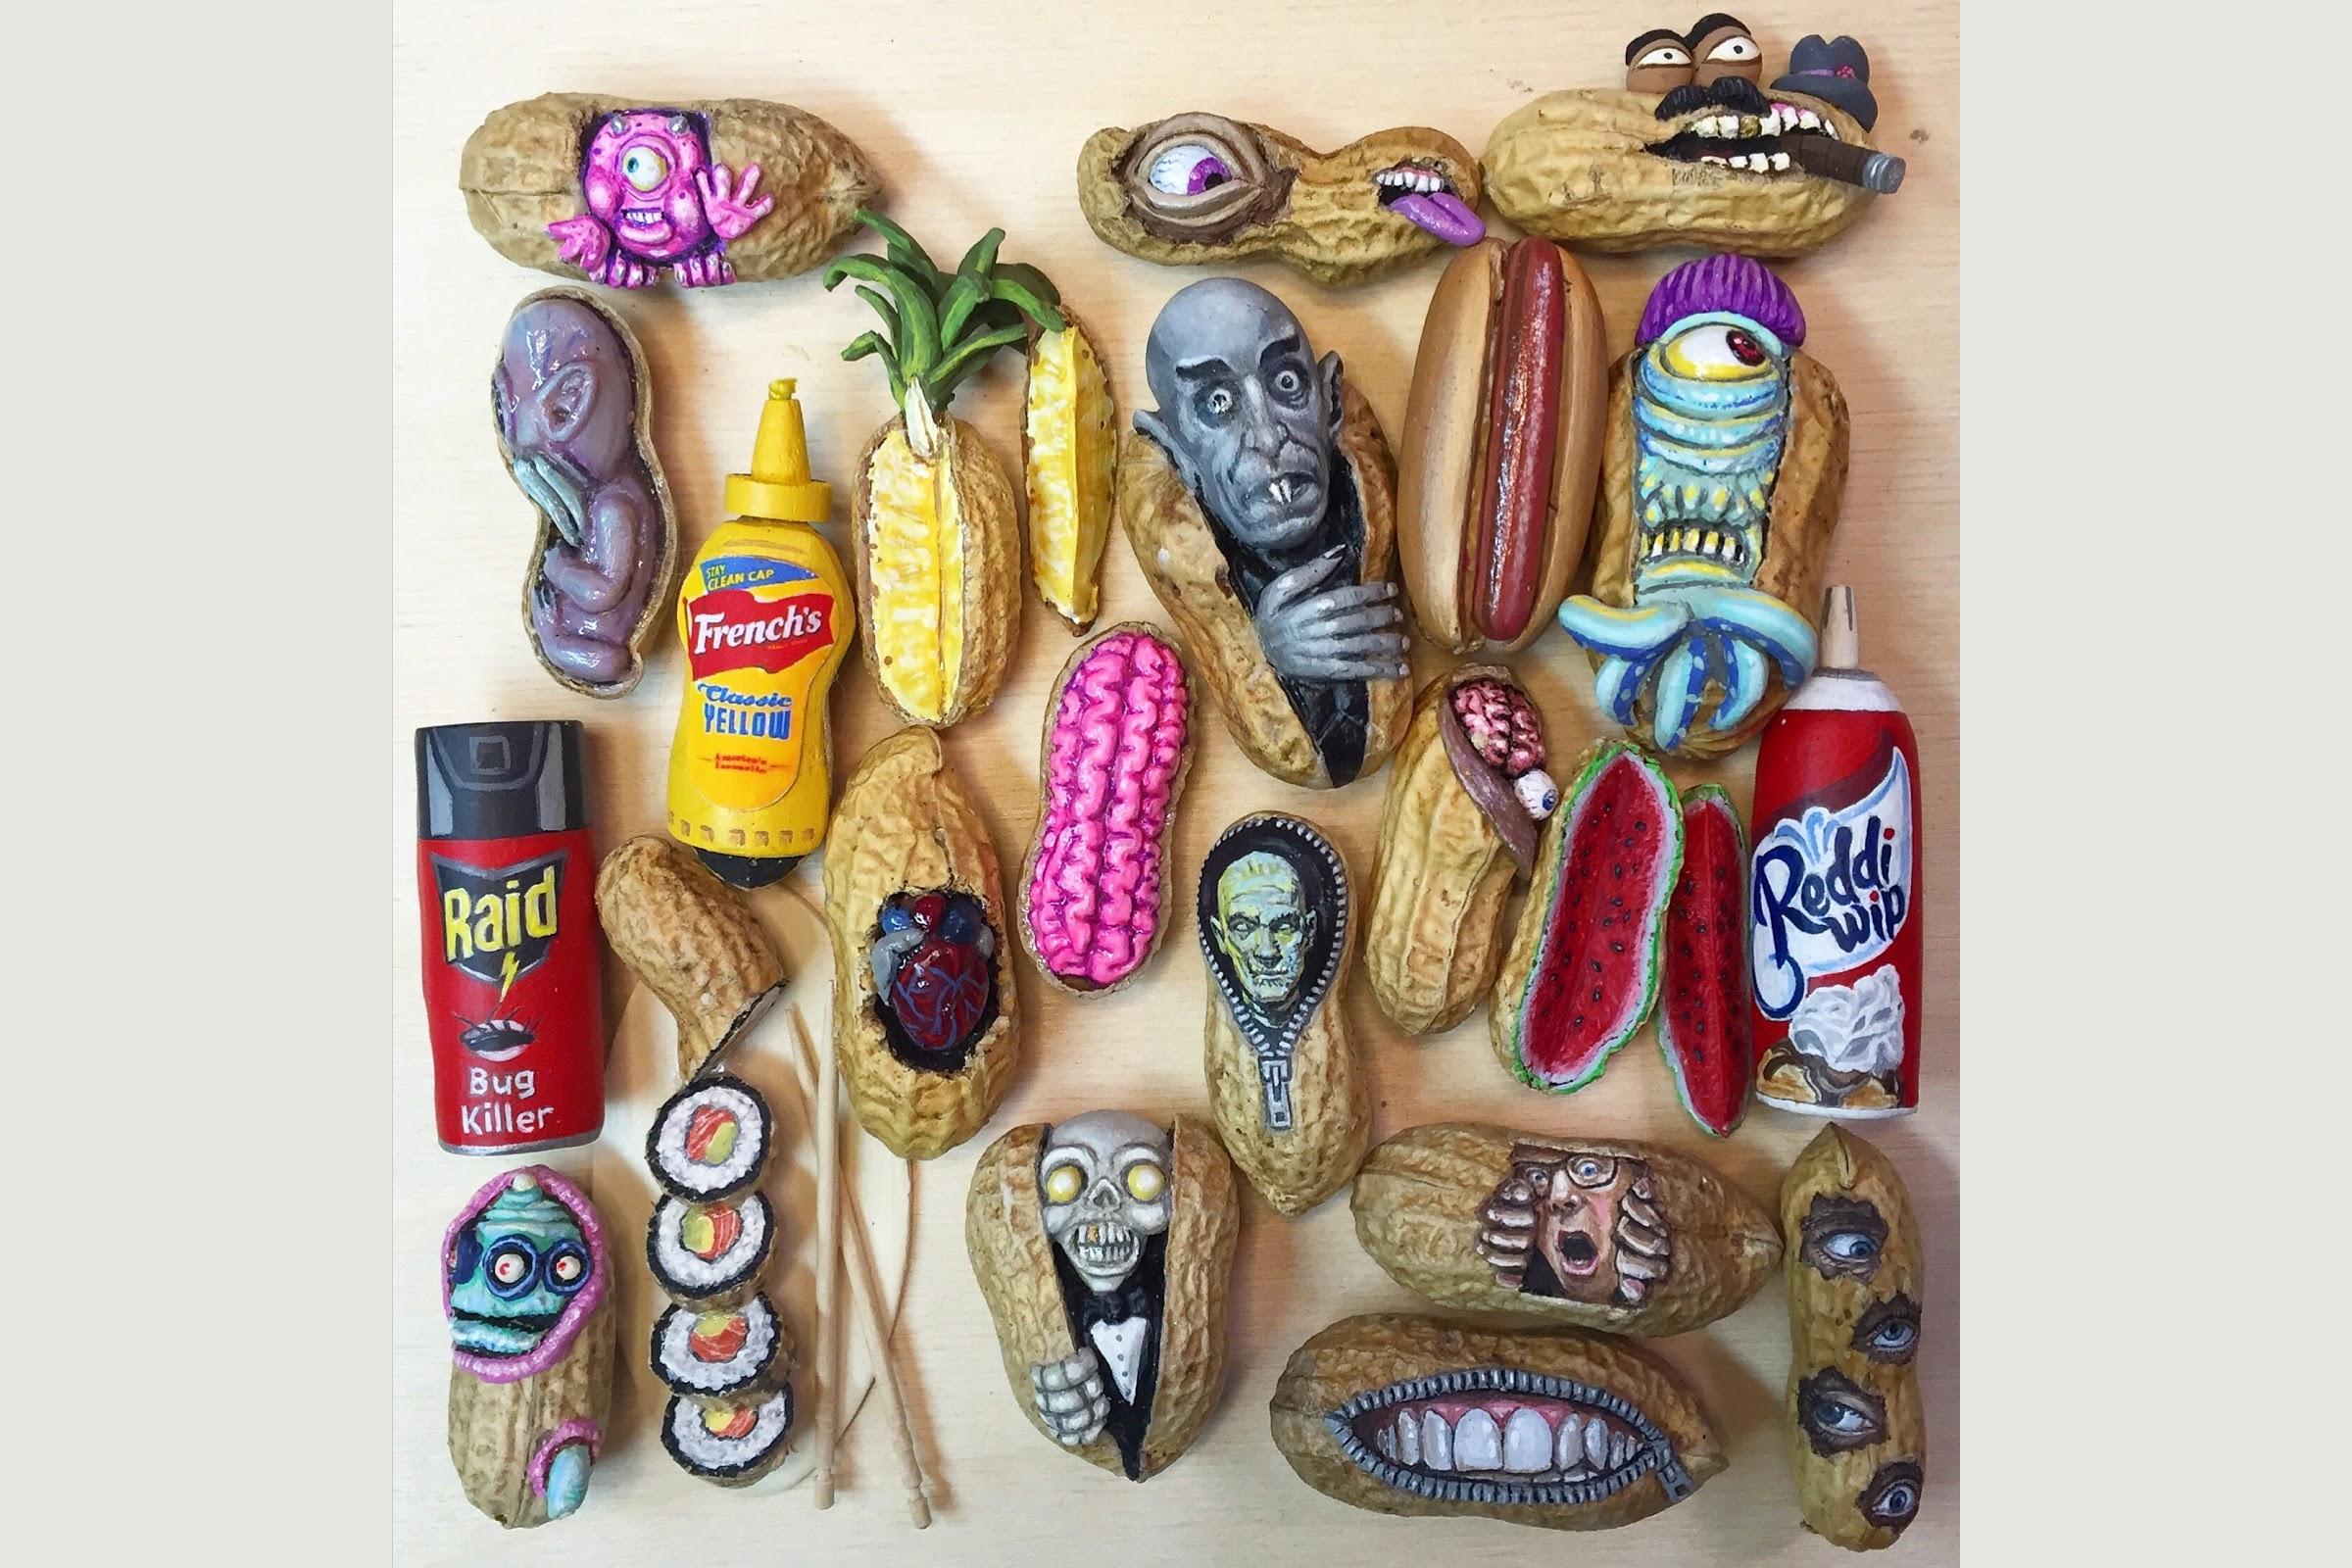 Steve Casino Peanut art collection featured